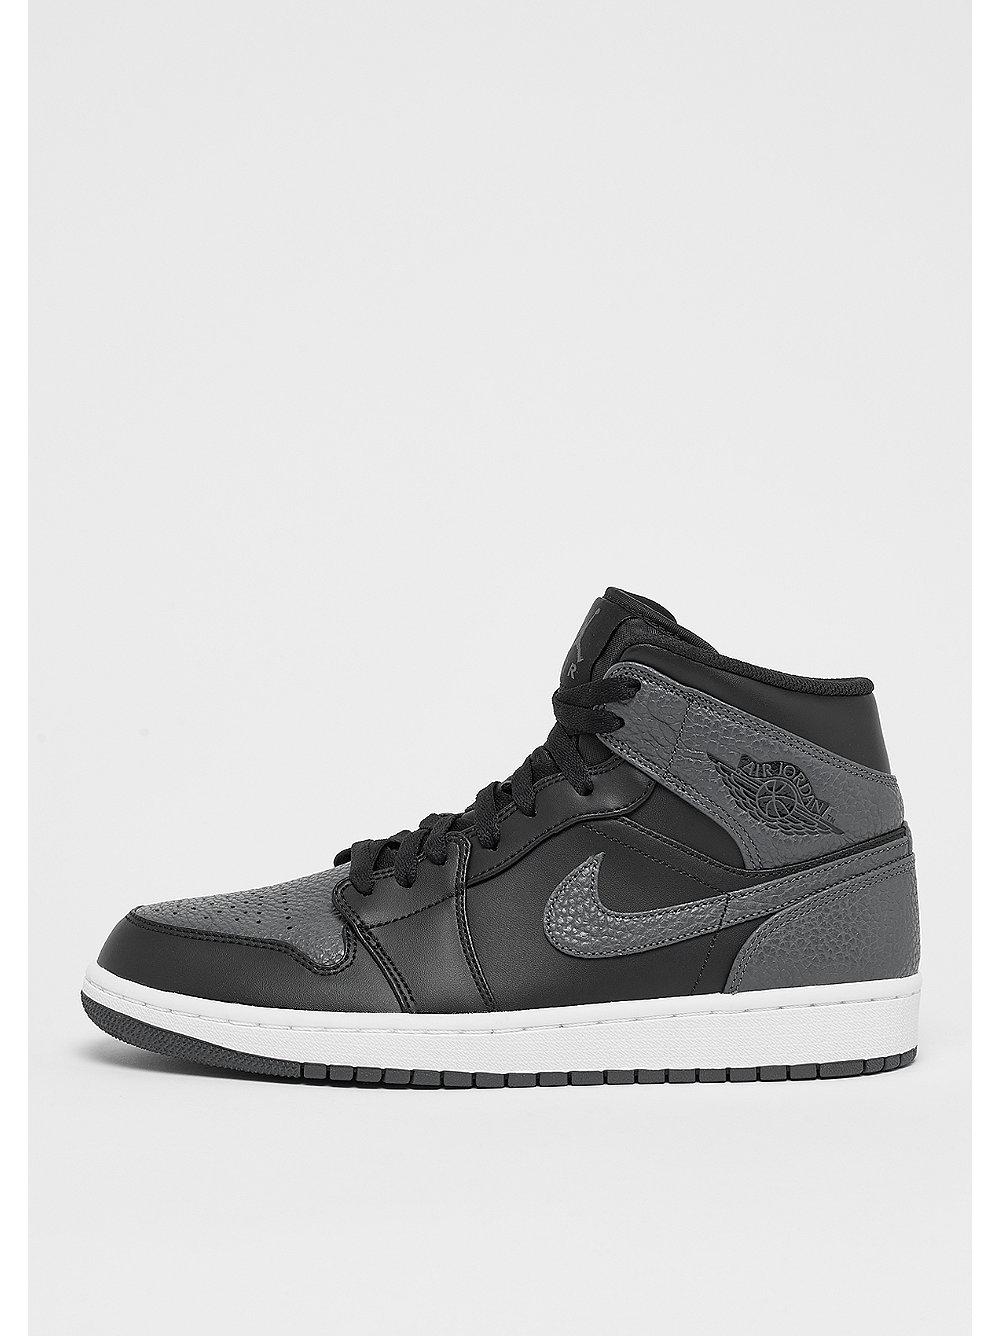 Jordan herensneaker zwart, grijs en wit